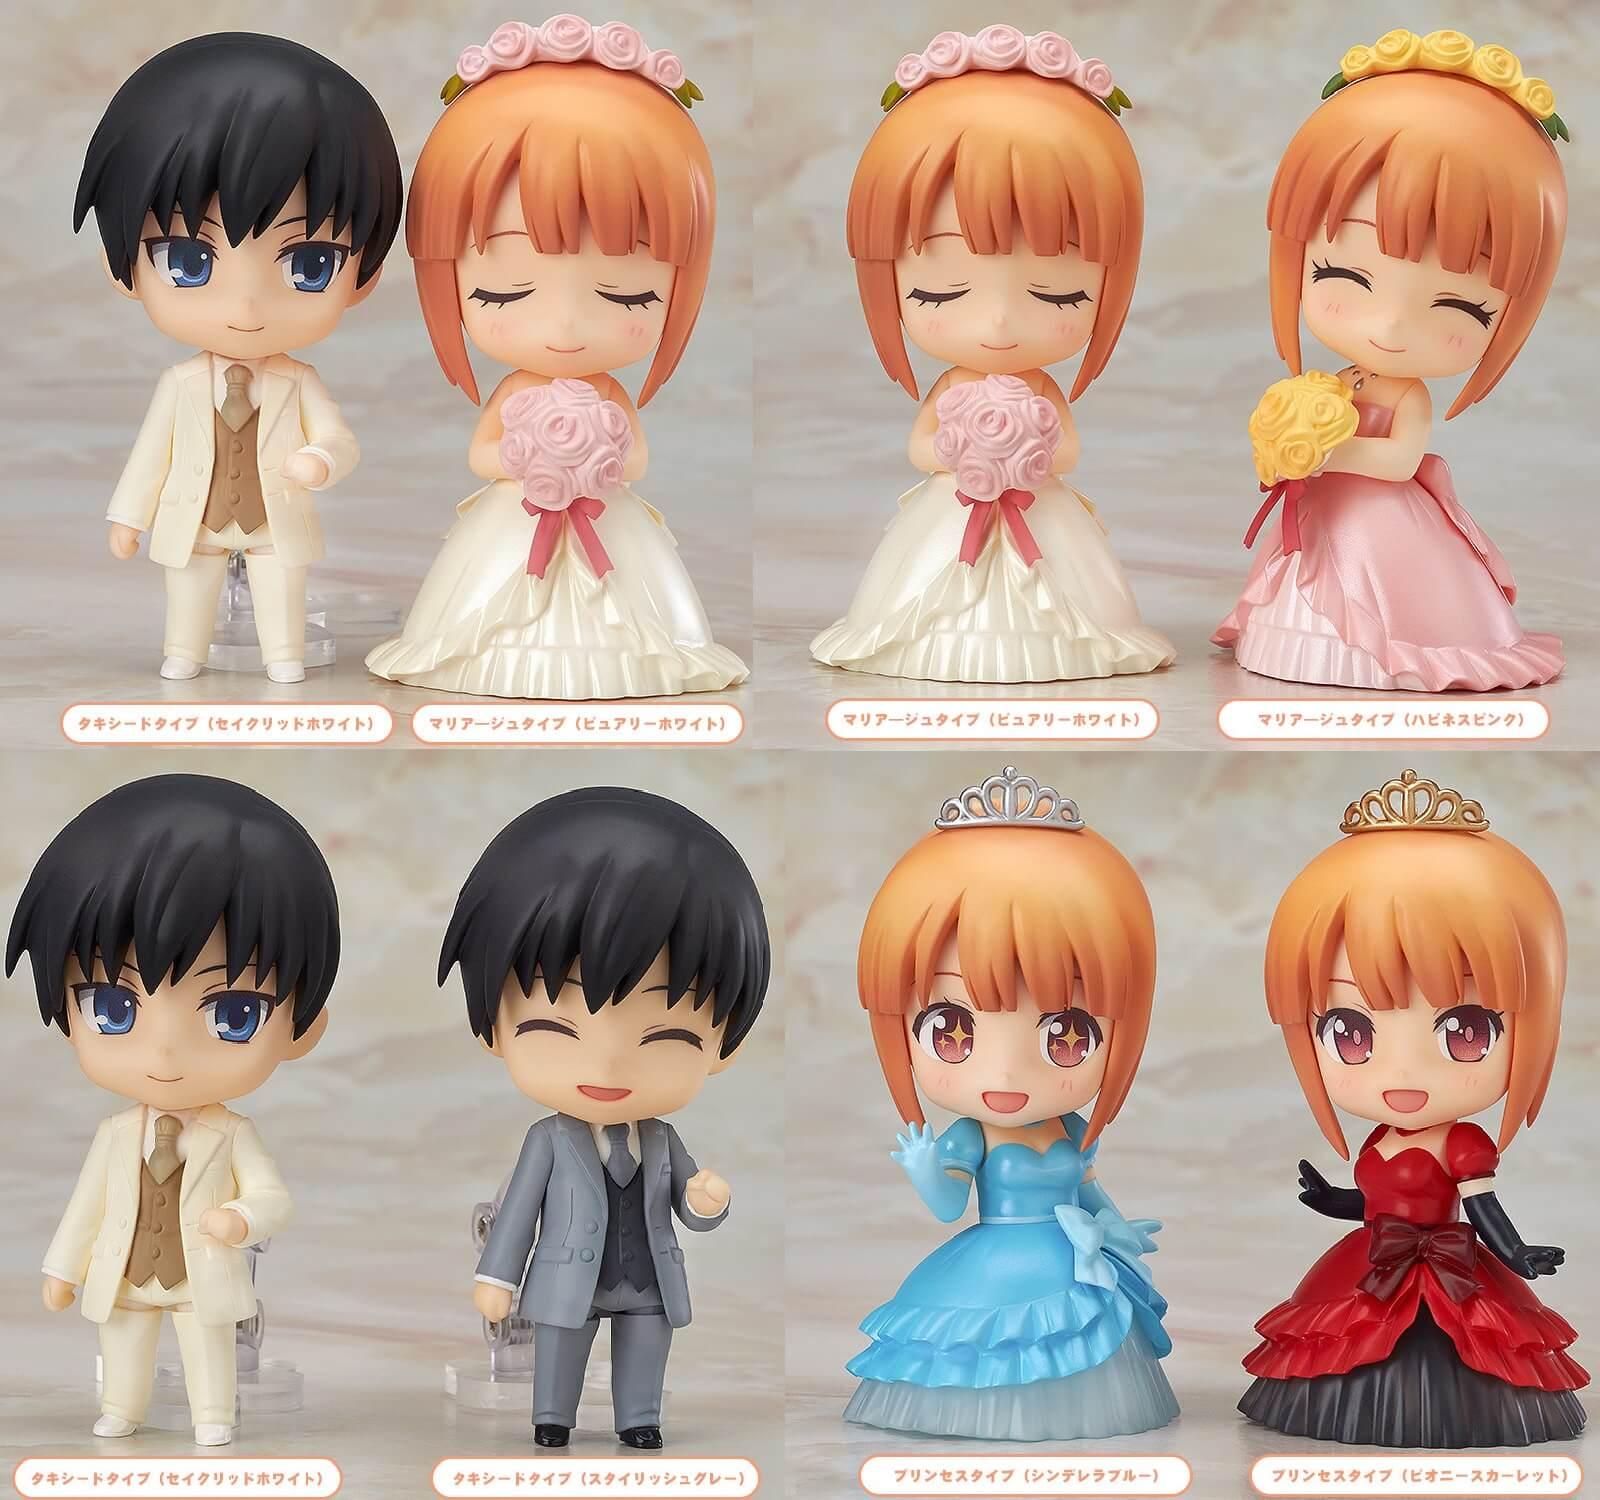 Nendoroid More: Dress Up Wedding | eBay